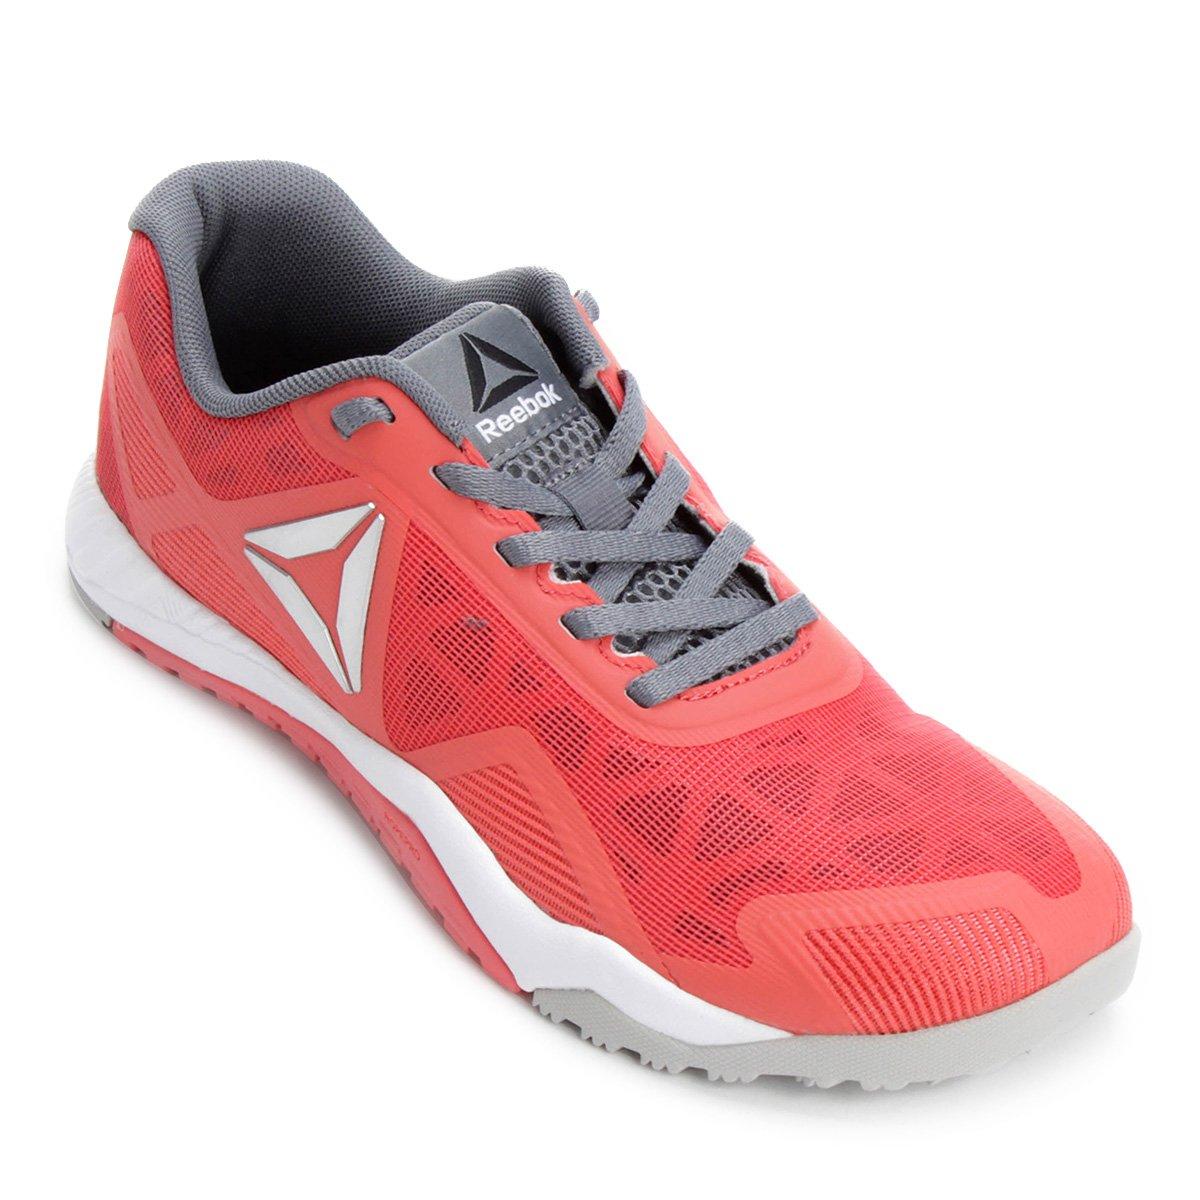 41584b4985f9c Tênis Reebok Ros Workout TR 2.0 Feminino - Compre Agora